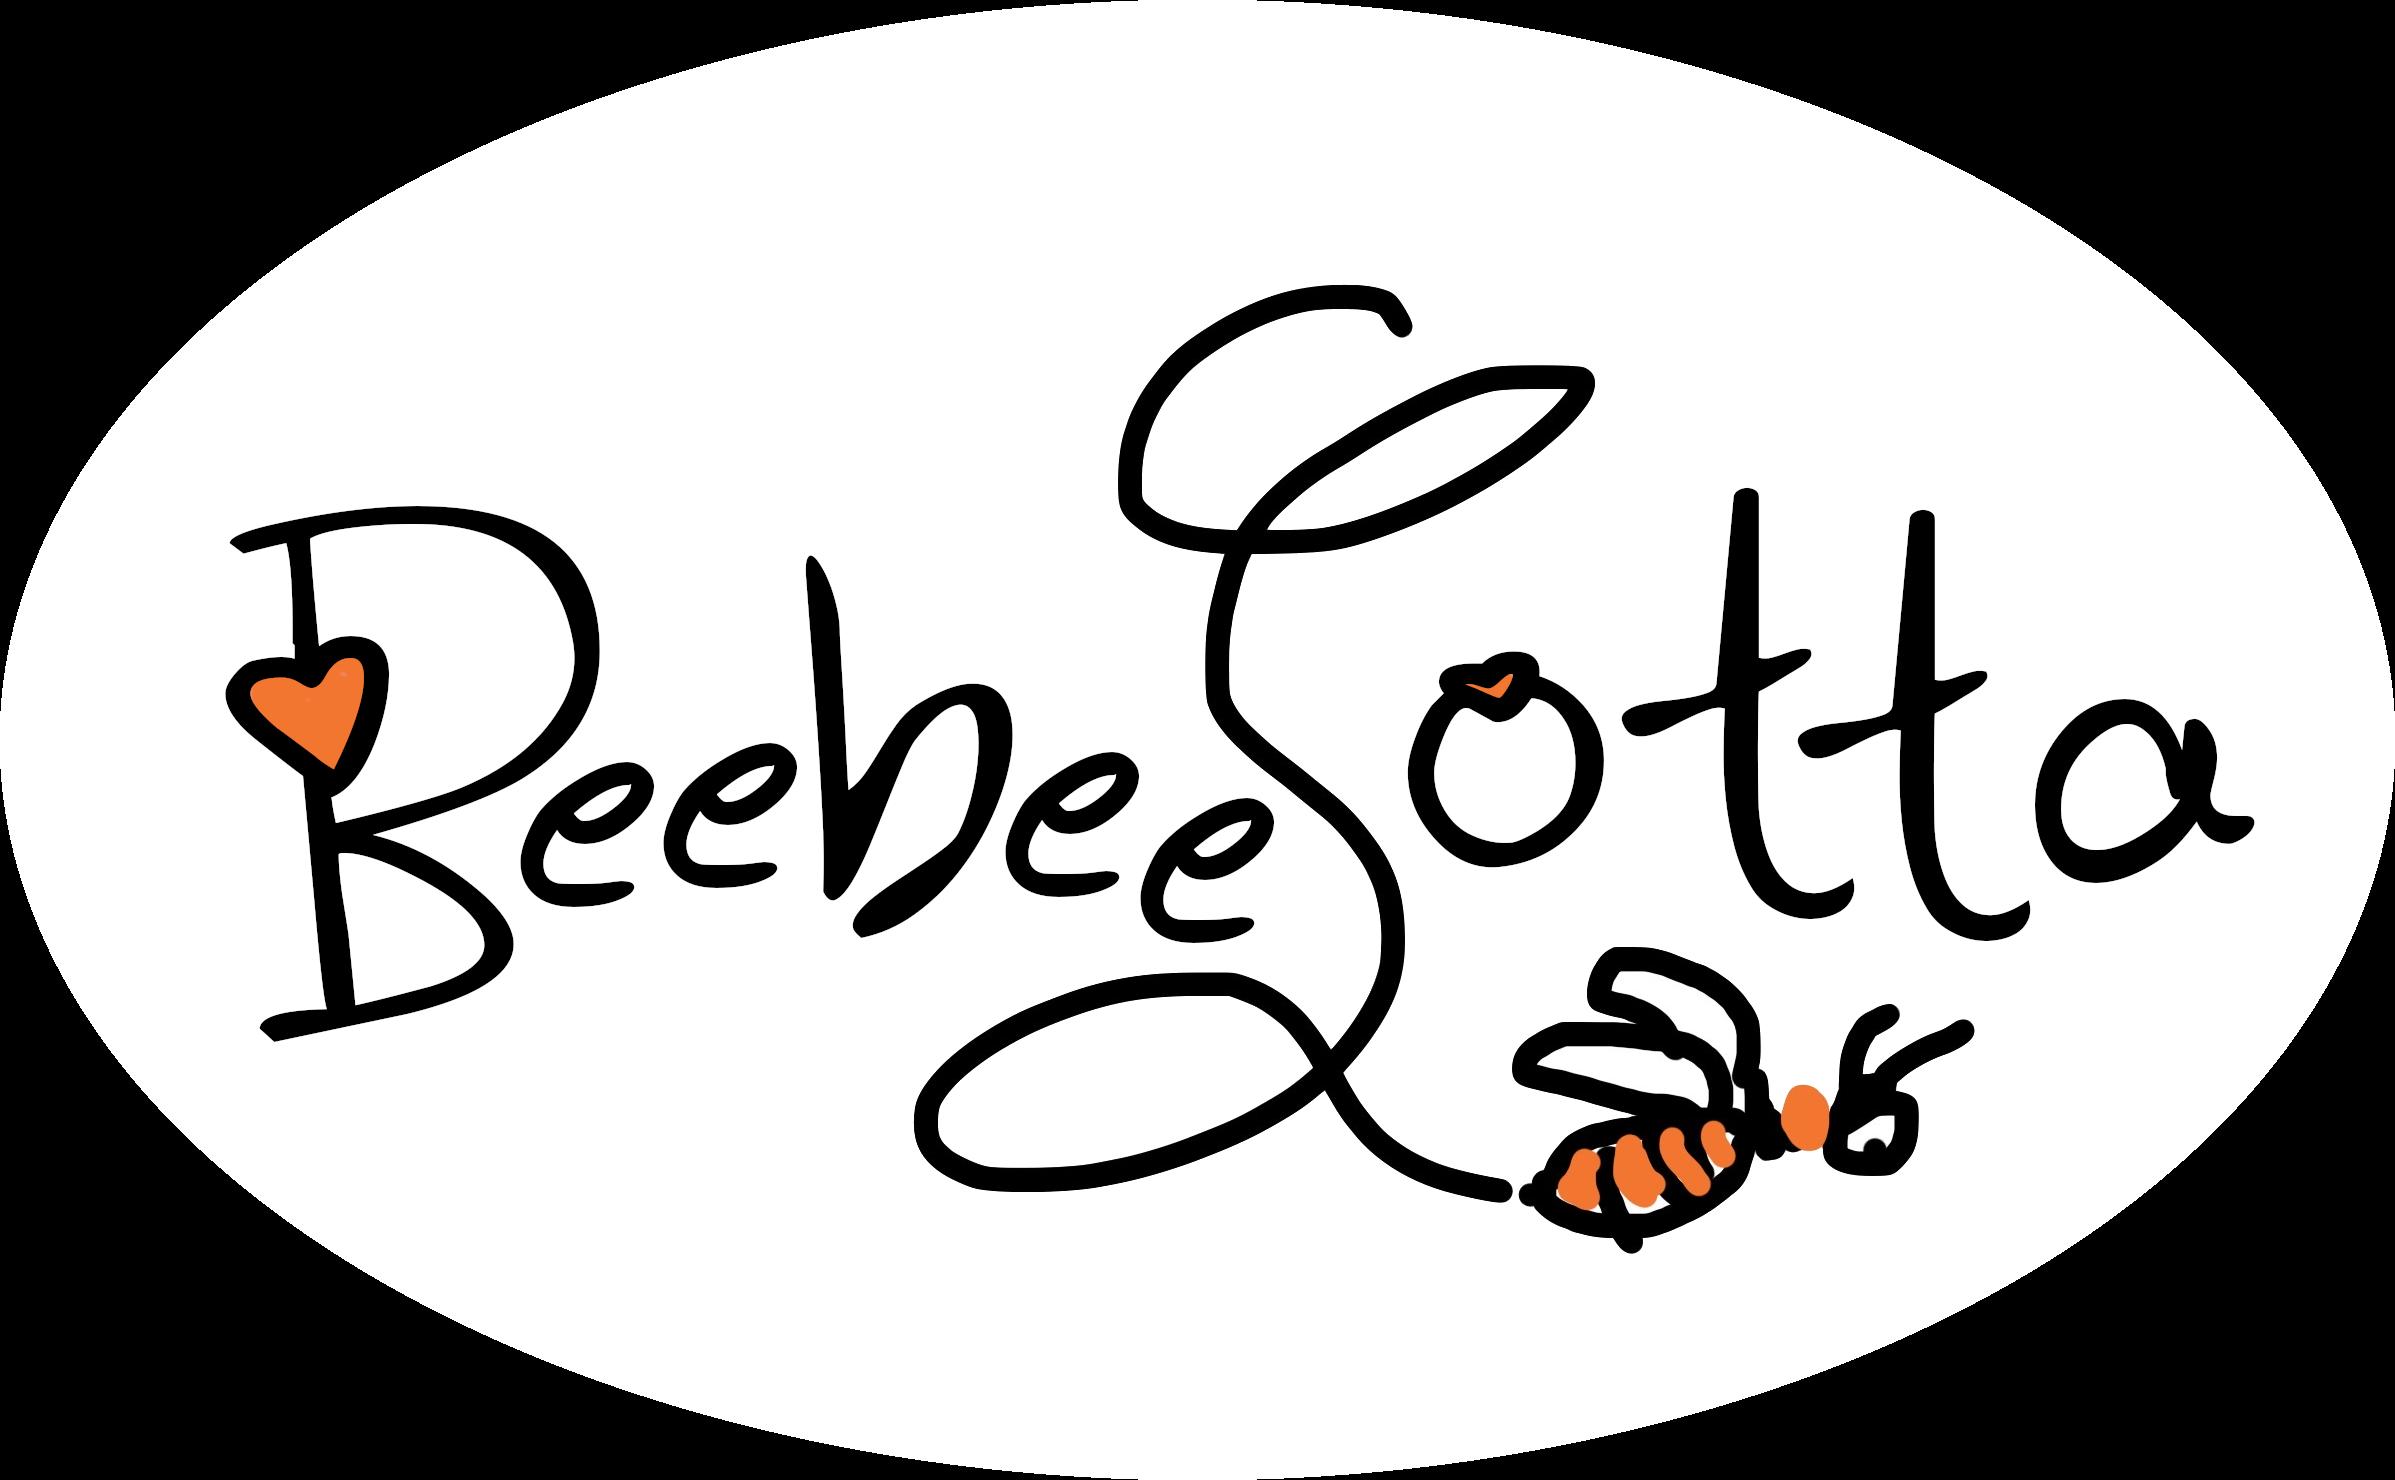 BeebeeLotta